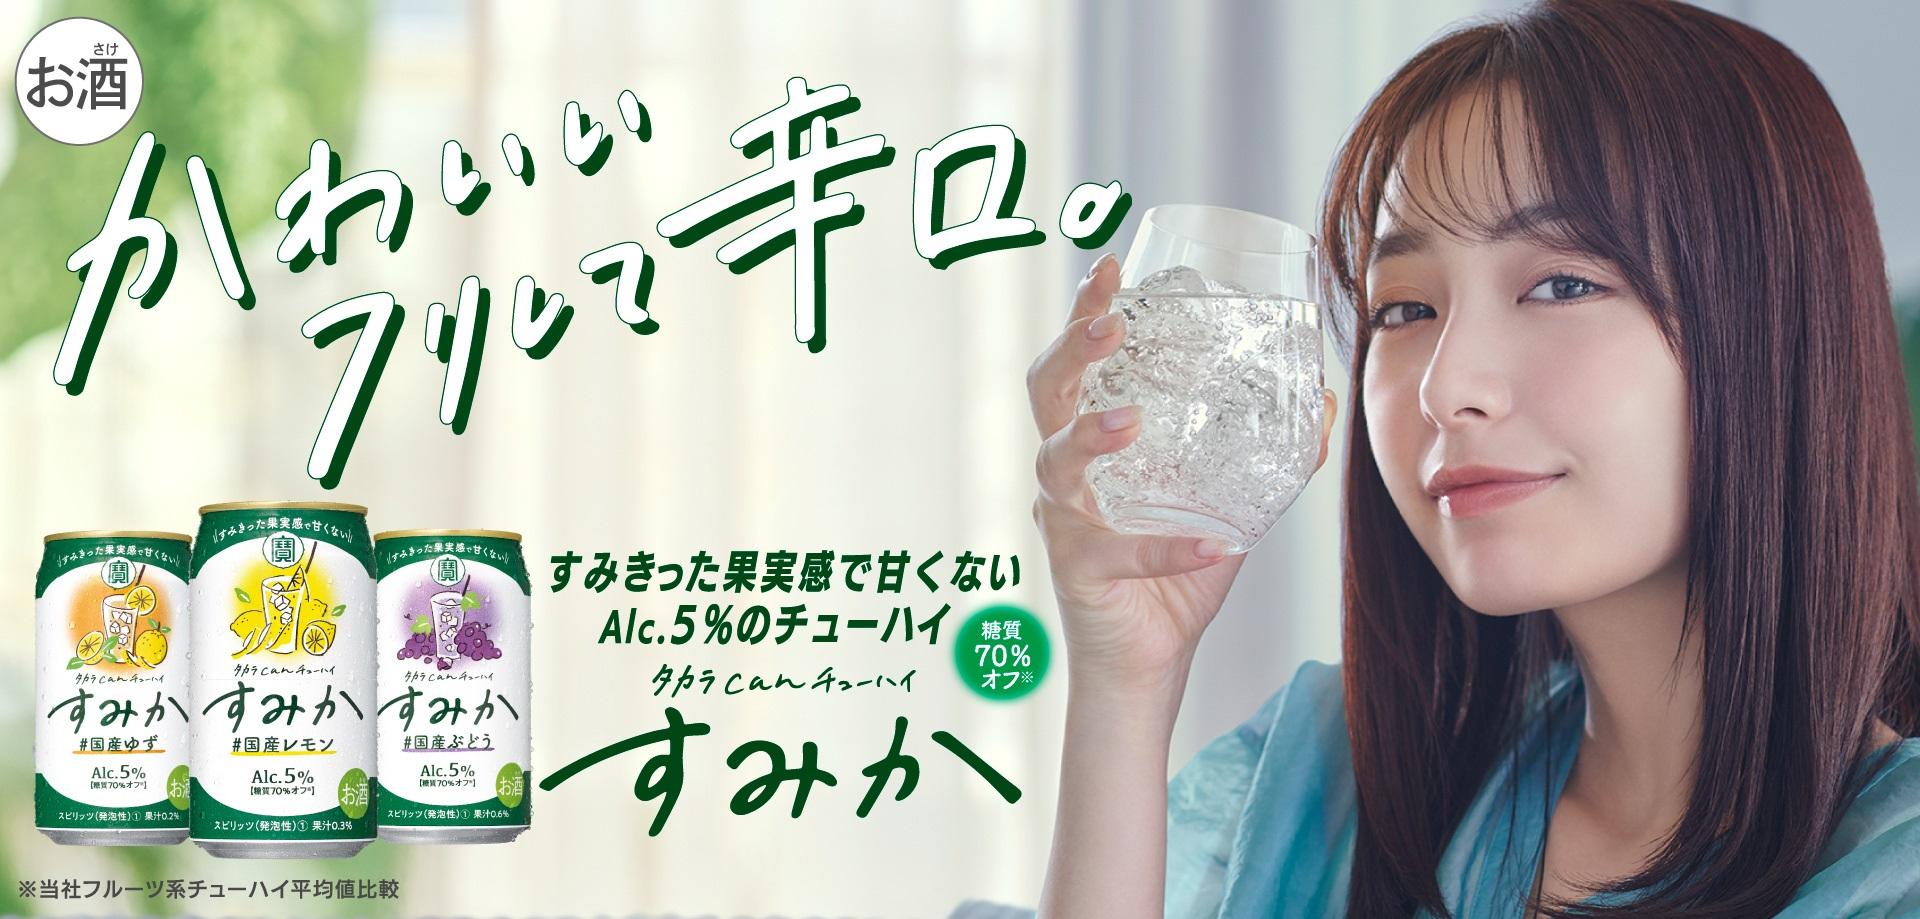 タカラcanチューハイ「すみか」〈#国産レモン〉〈#国産ゆず〉〈#国産ぶどう〉かわいいフリして辛口すみきった果実感で甘くないアルコール度数5パーセントのチューハイ